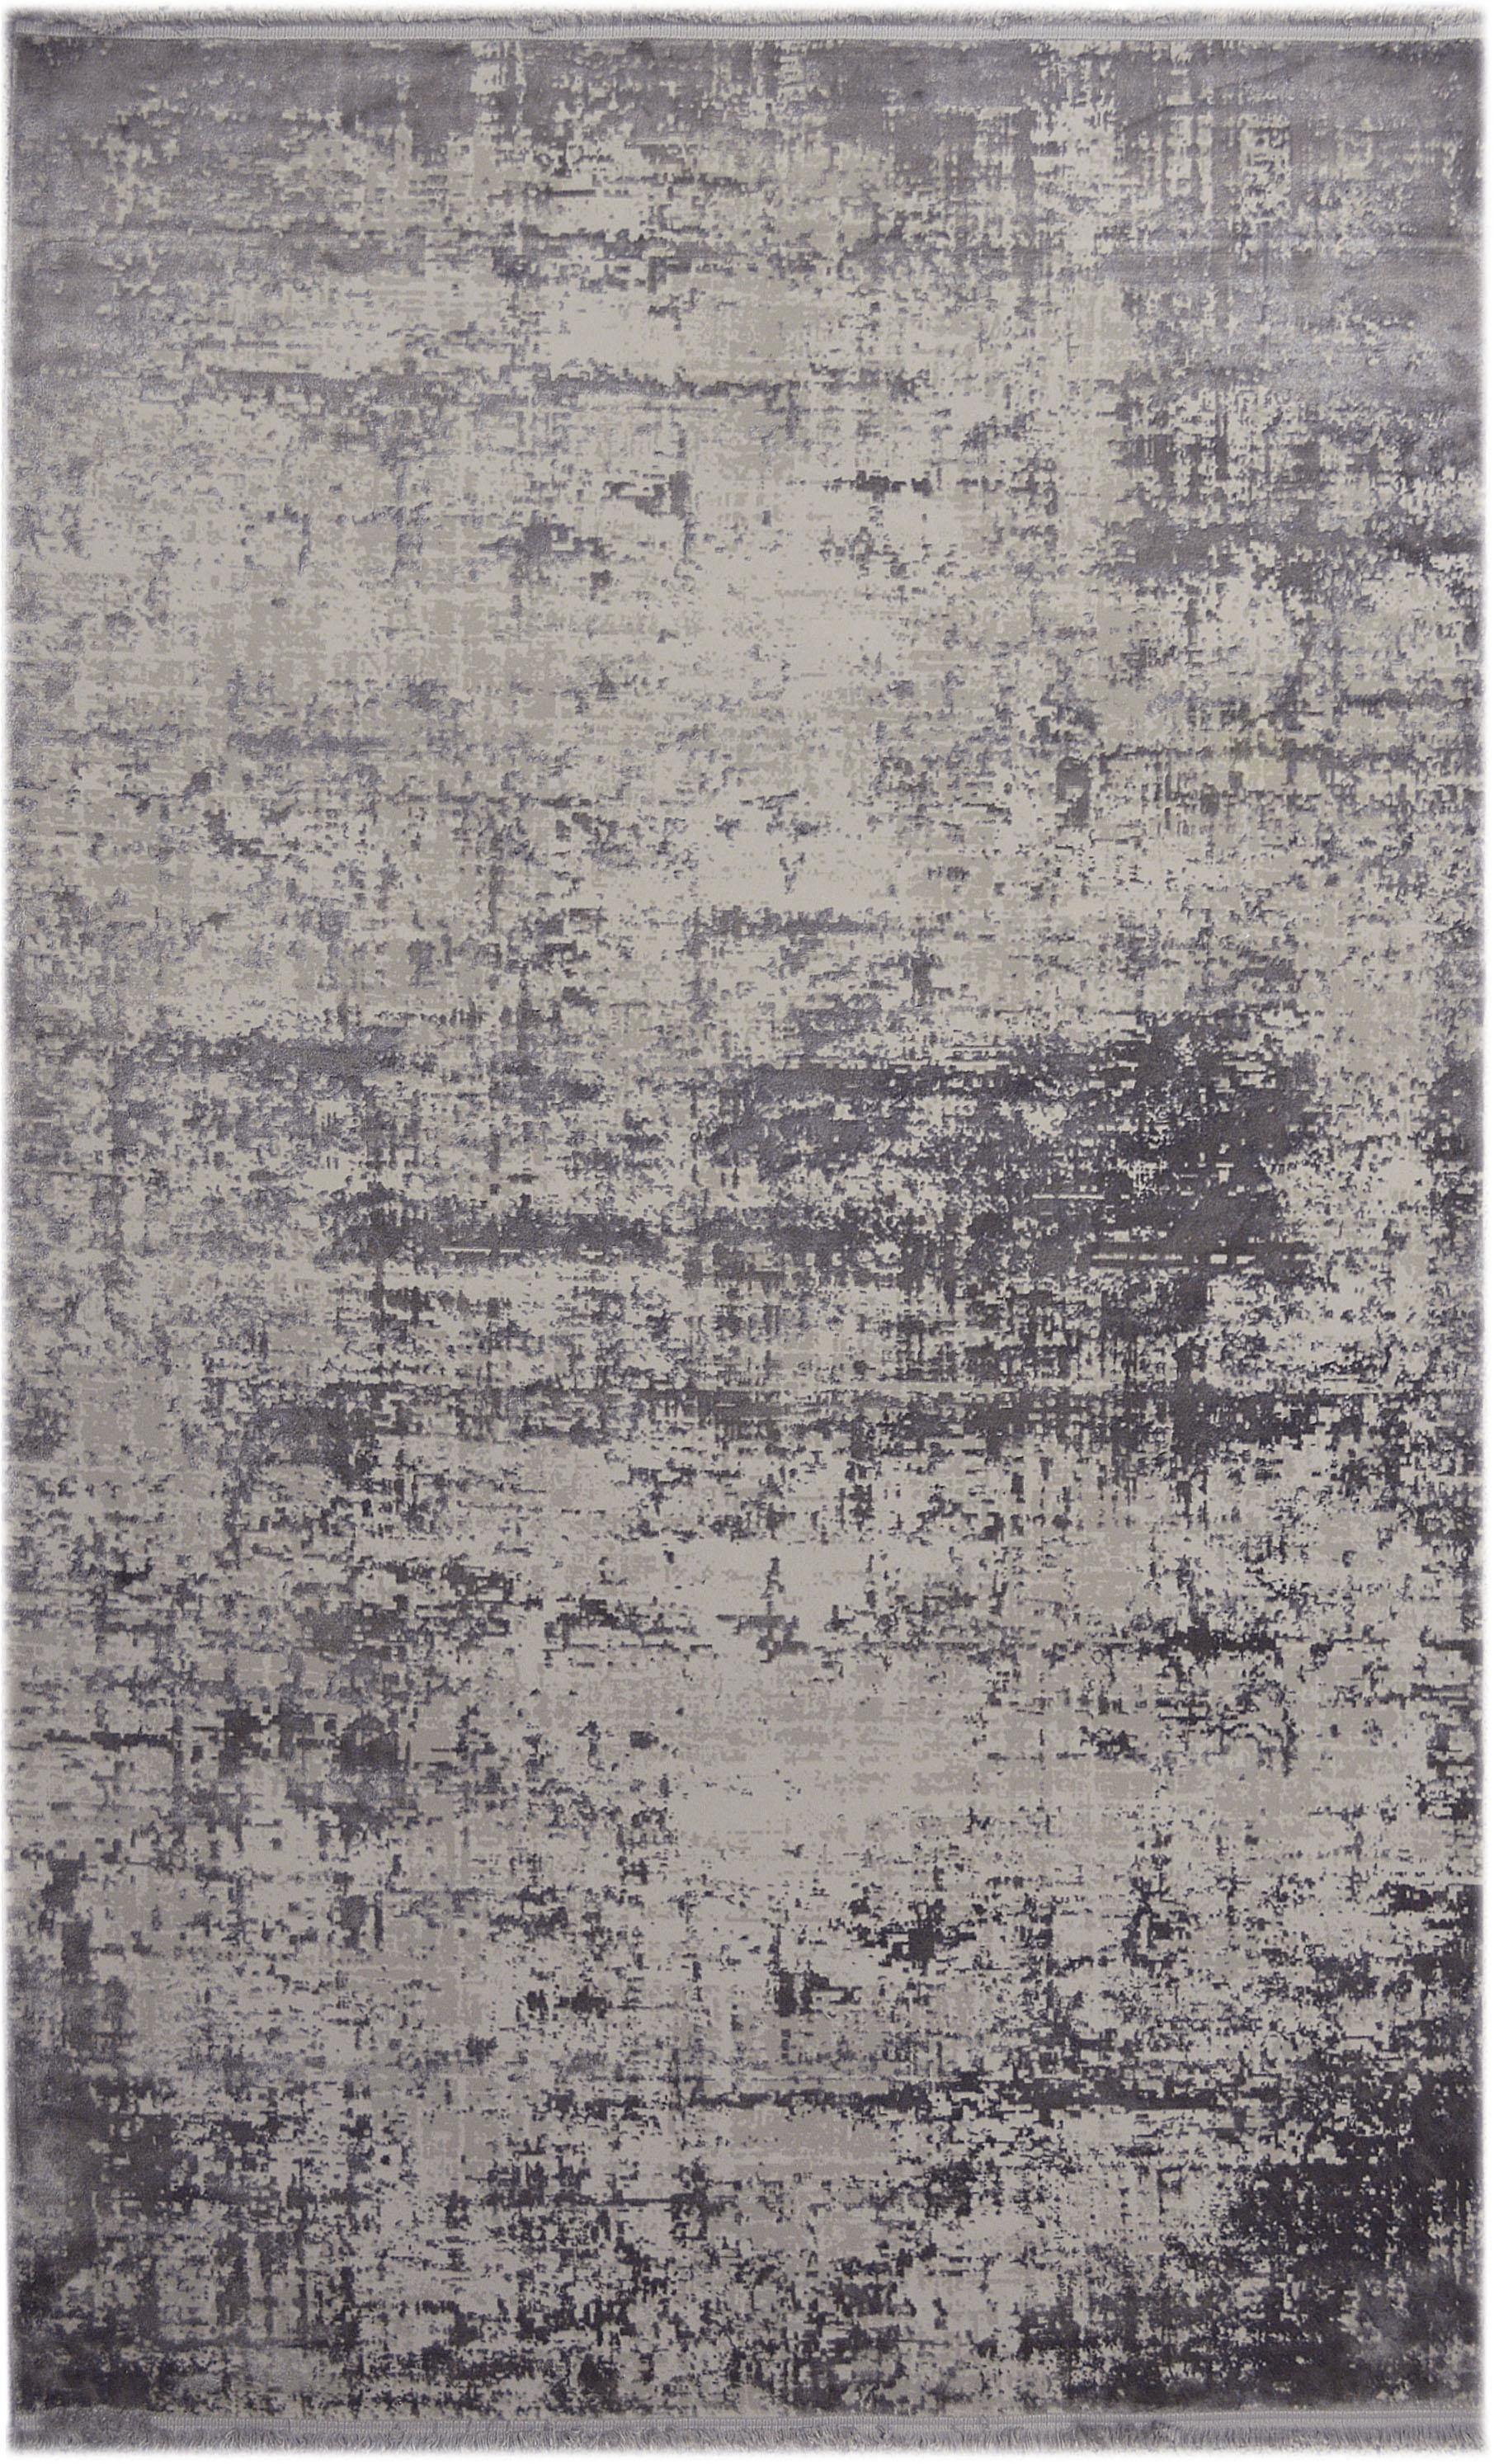 Schimmernder Teppich Cordoba mit Fransen, Vintage Style, Flor: 70% Acryl, 30% Viskose, Grautöne mit leichtem Lilastich, B 200 x L 290 cm (Größe L)